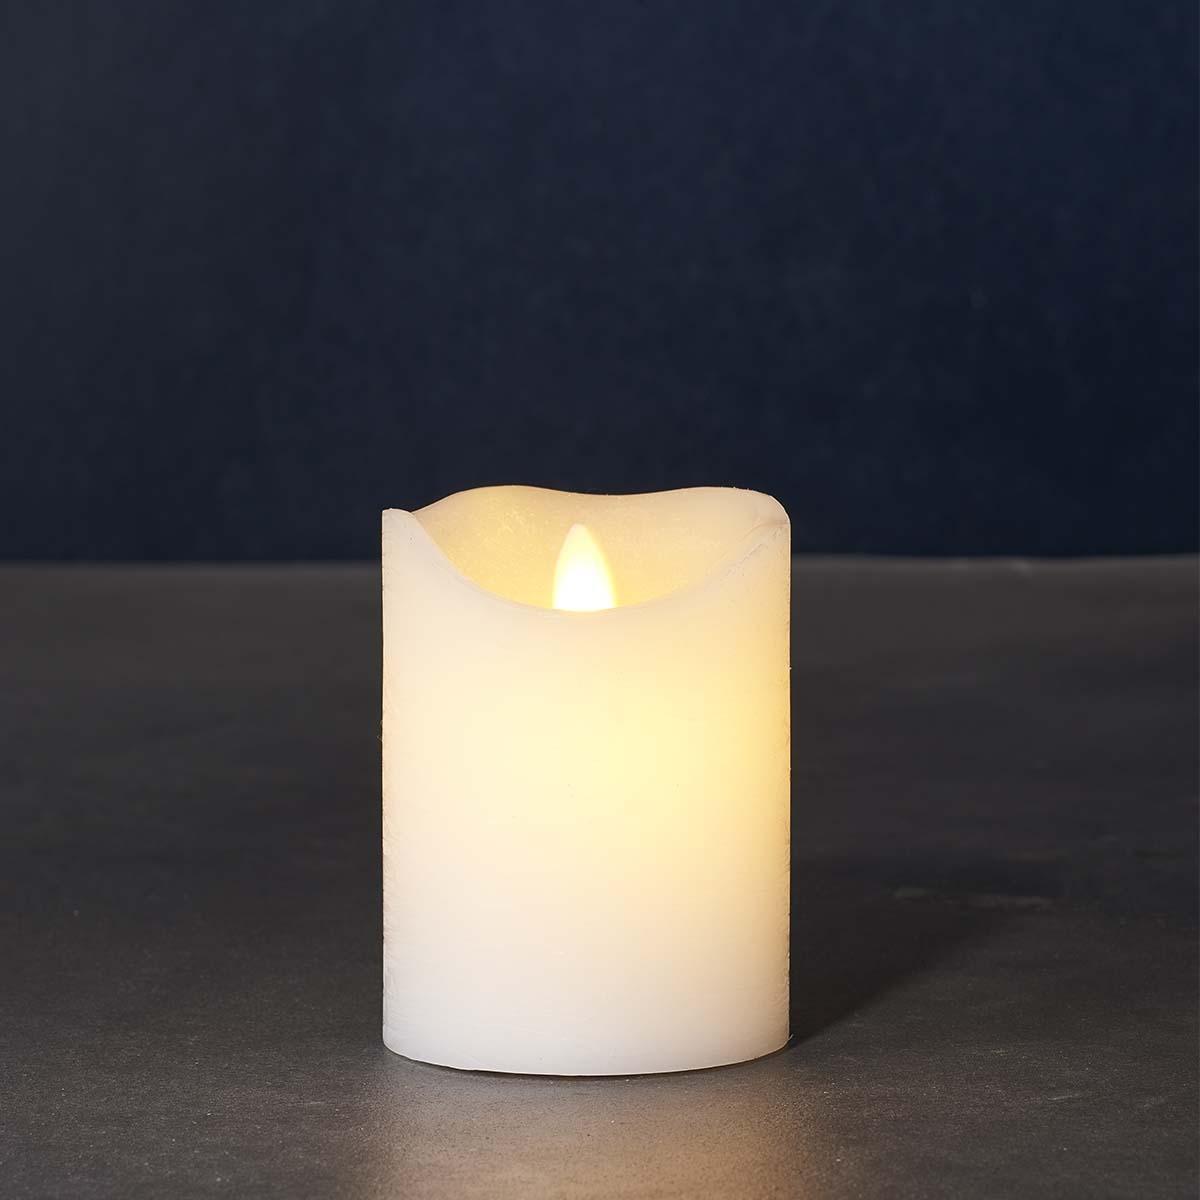 Bougie LED blanche vraie cire flamme vacillante H 10 * D 7,5 cm